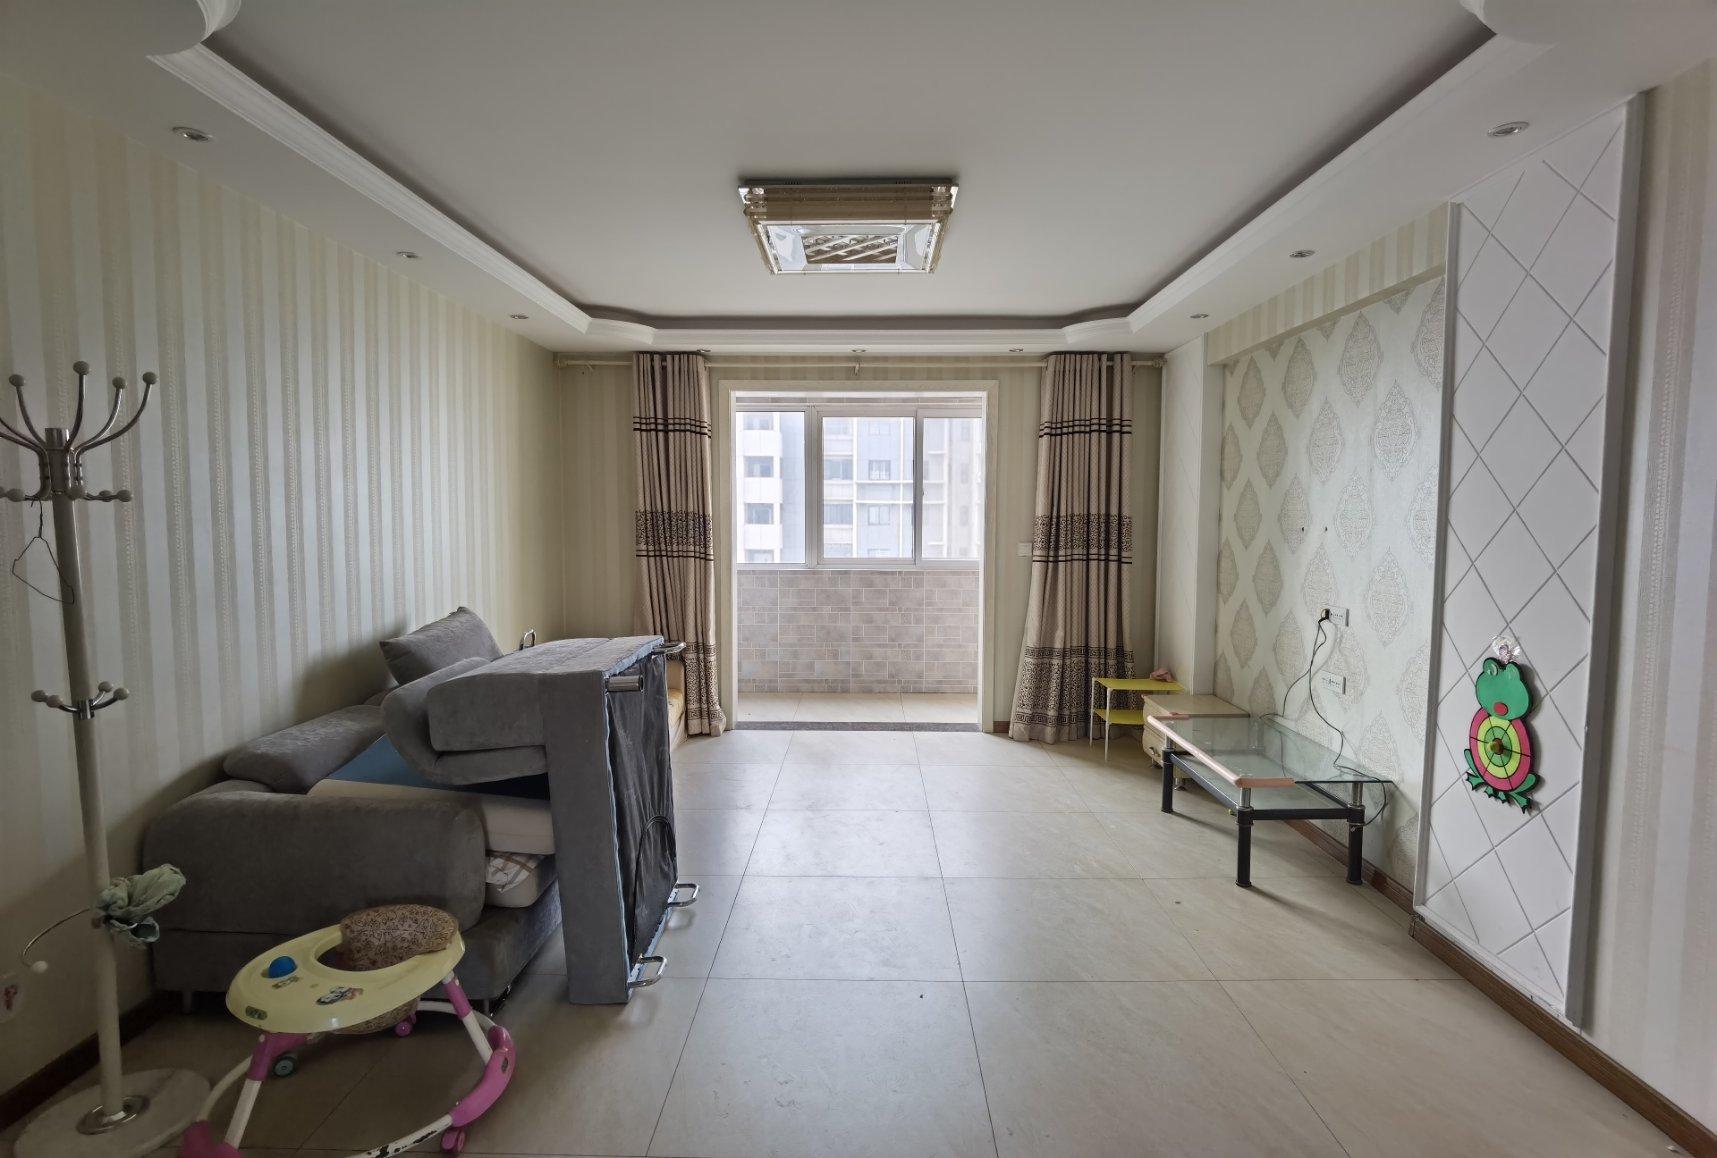 南区 隆基新谊城 精装3室 123平98万 南北通透 视野好